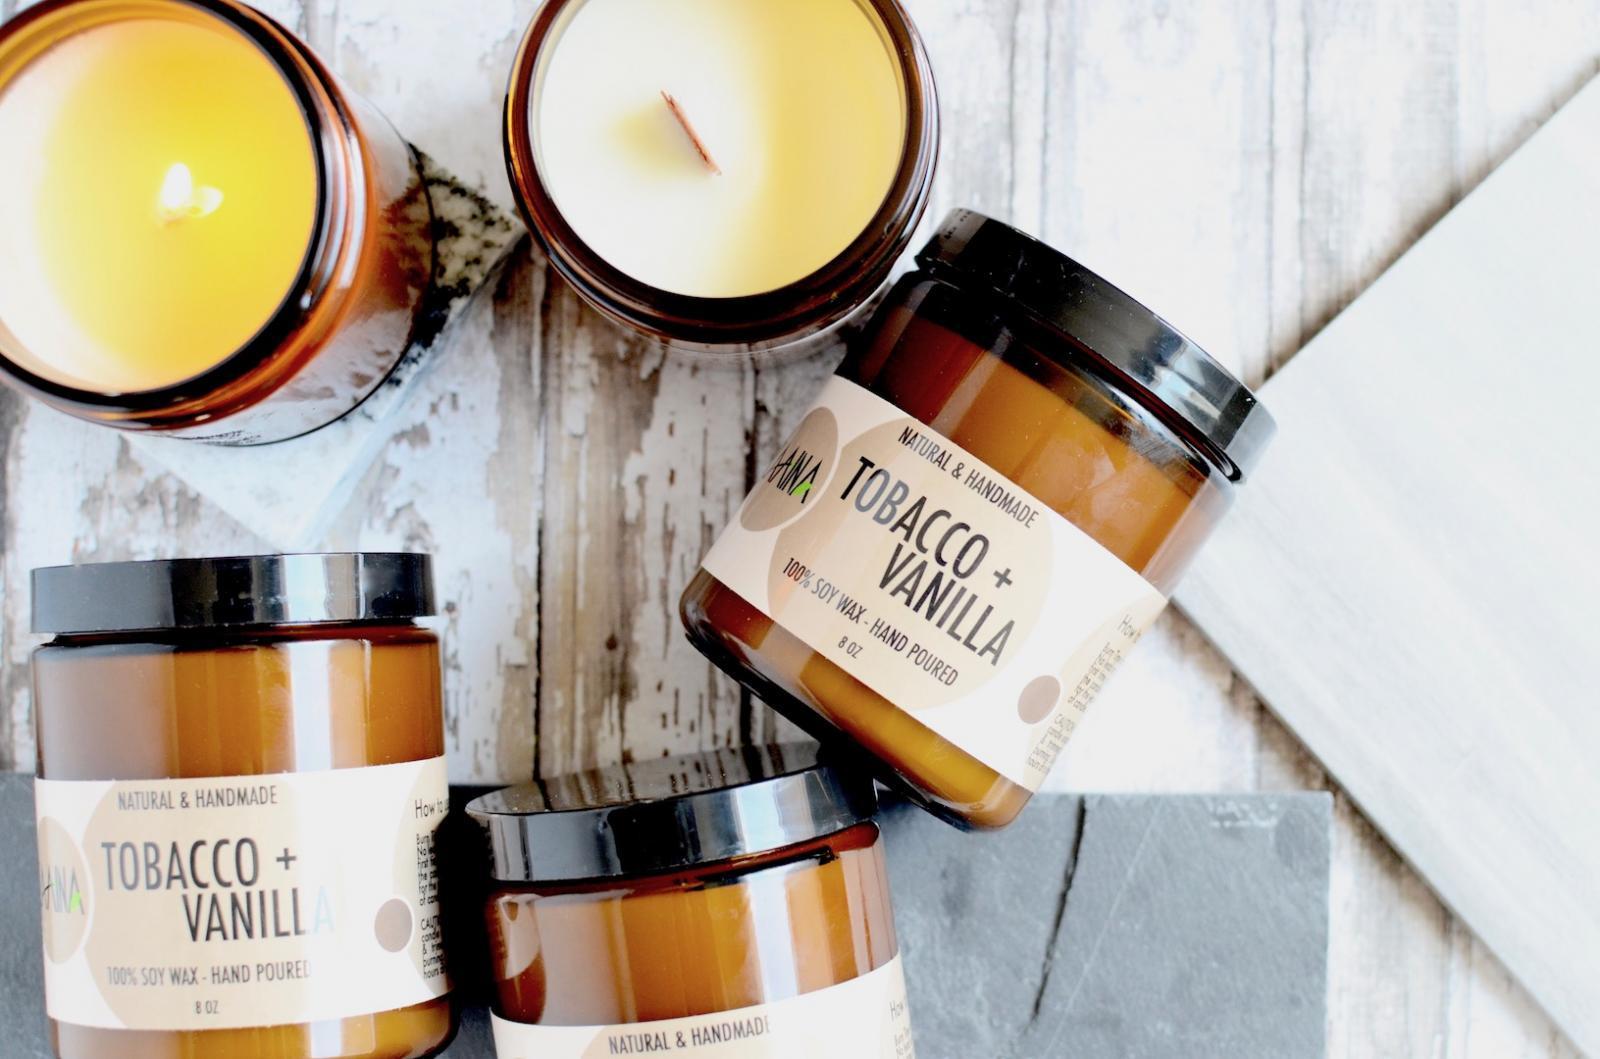 Tobacco + Vanilla Soy Candle